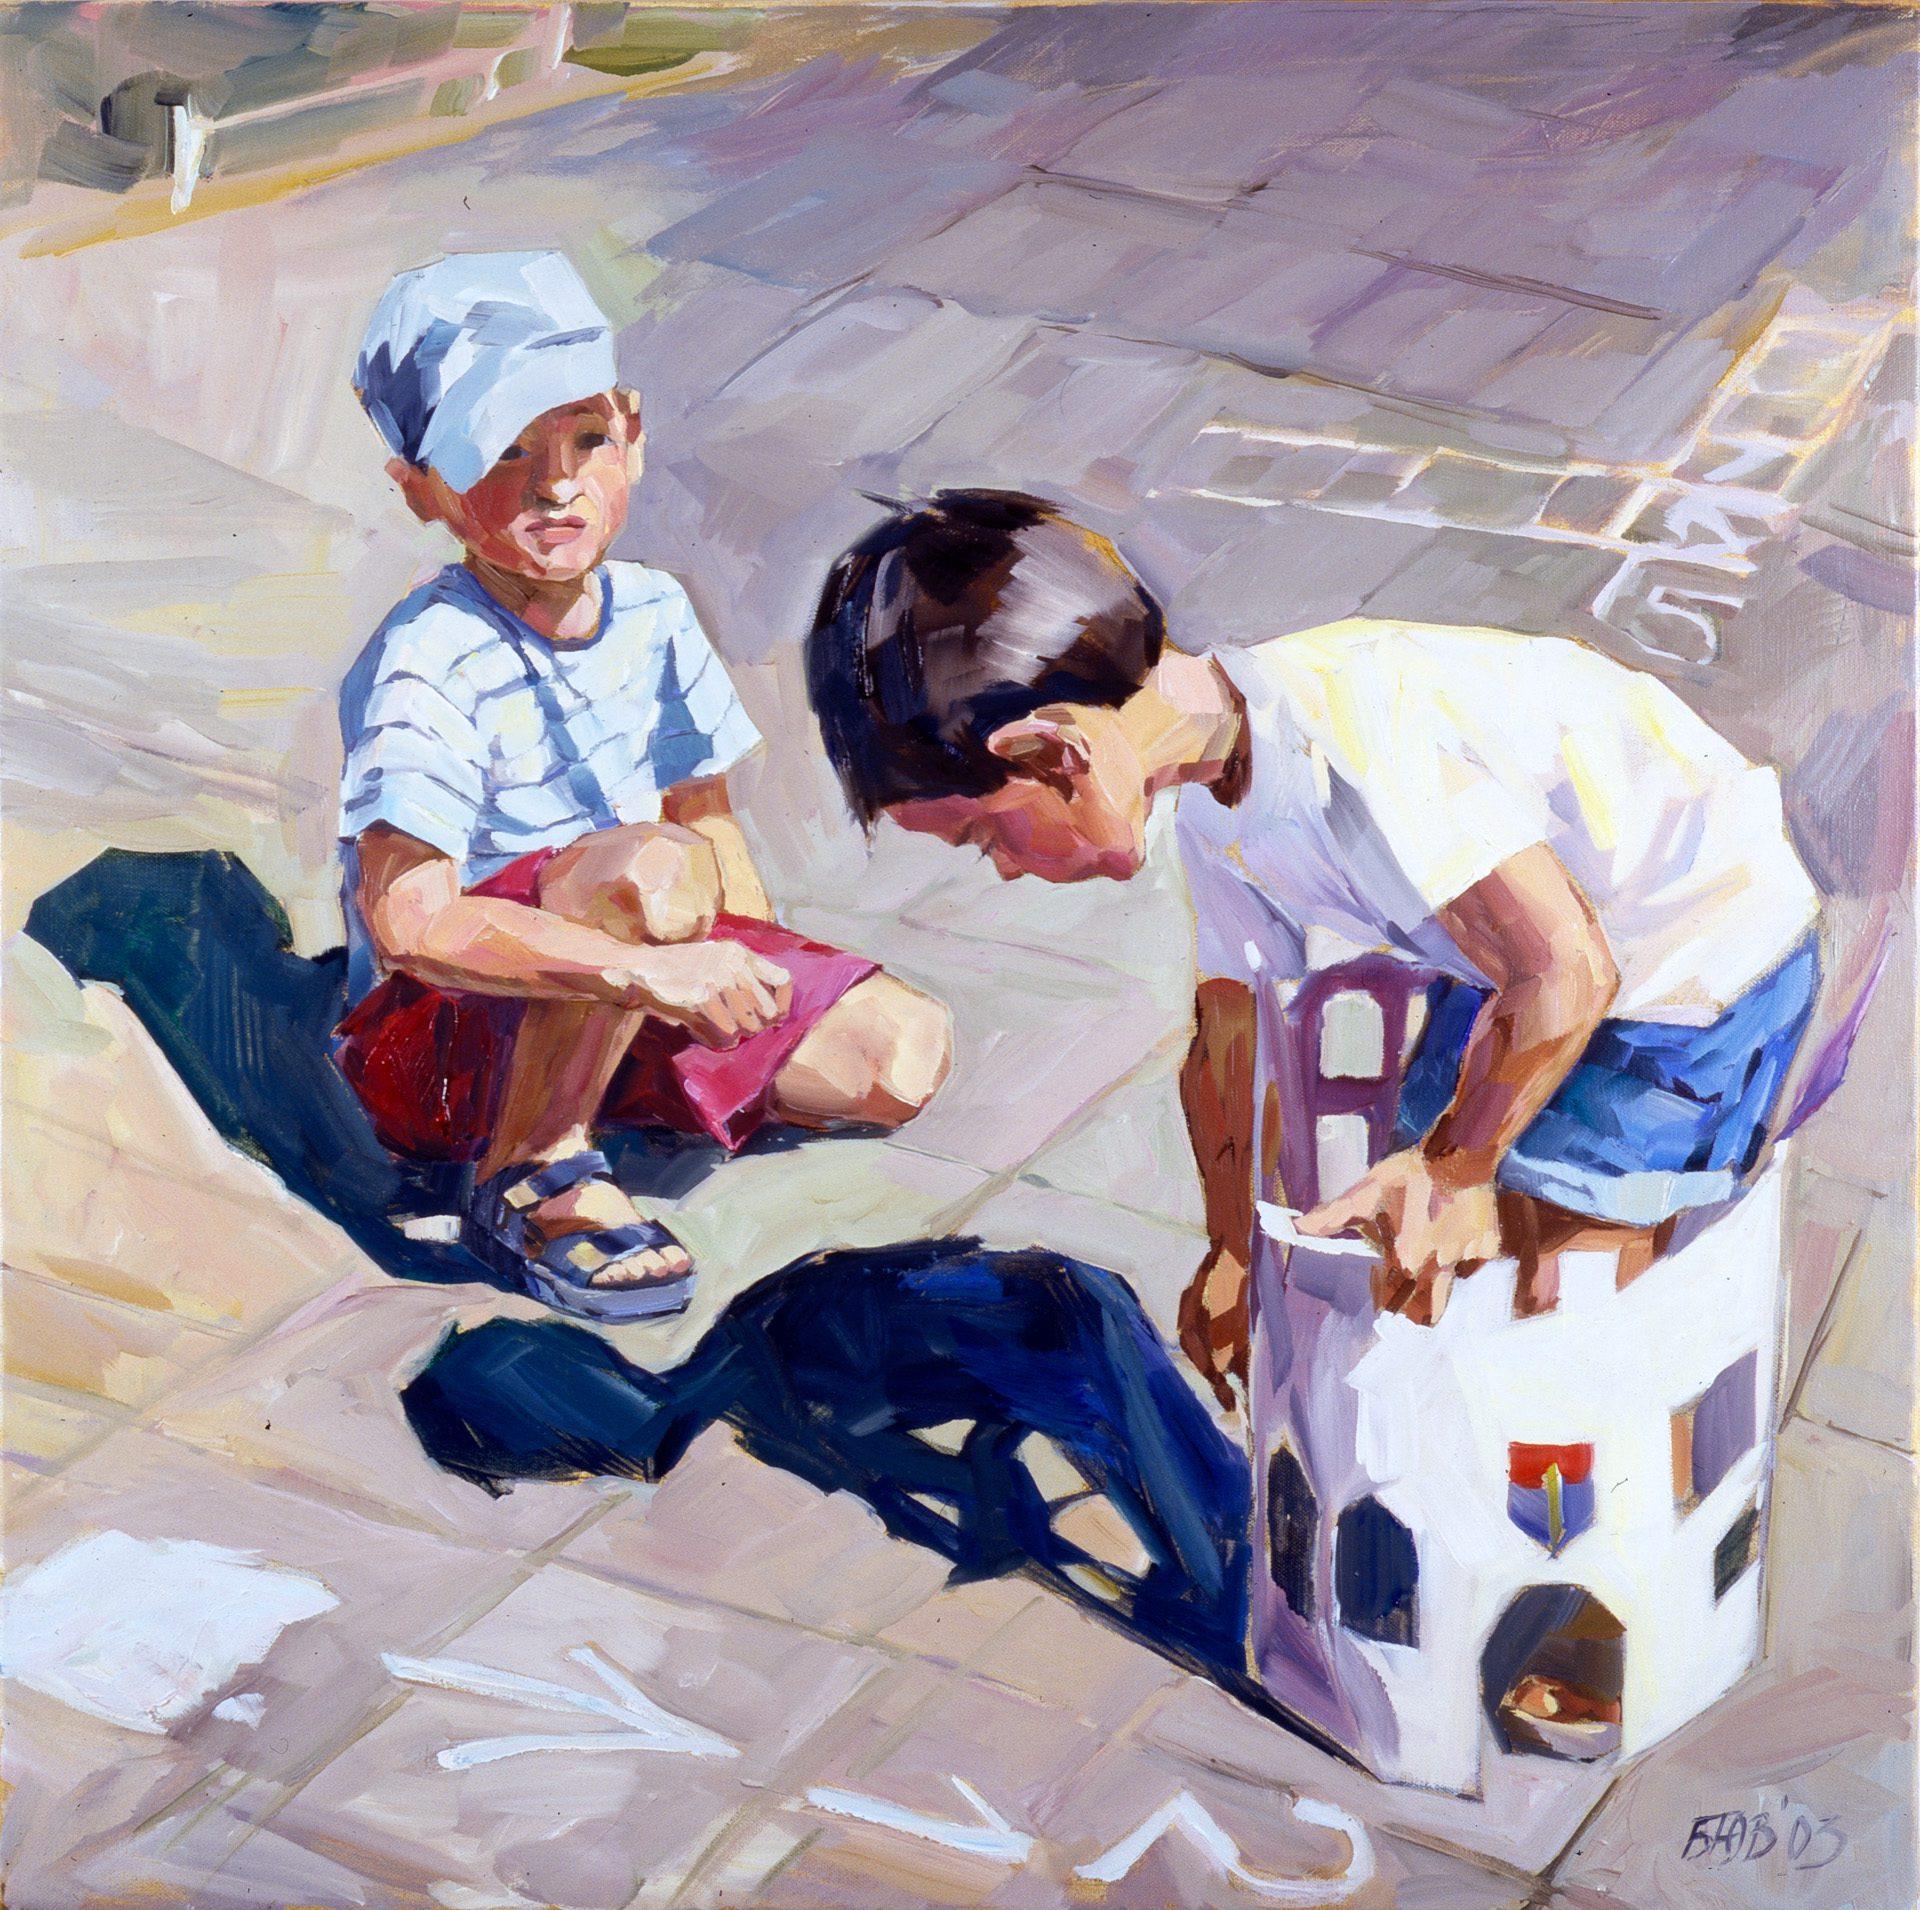 Gemälde von Julia Belot: Papierburg, Öl auf Leinwand, 80 cm x 80 cm, 2003